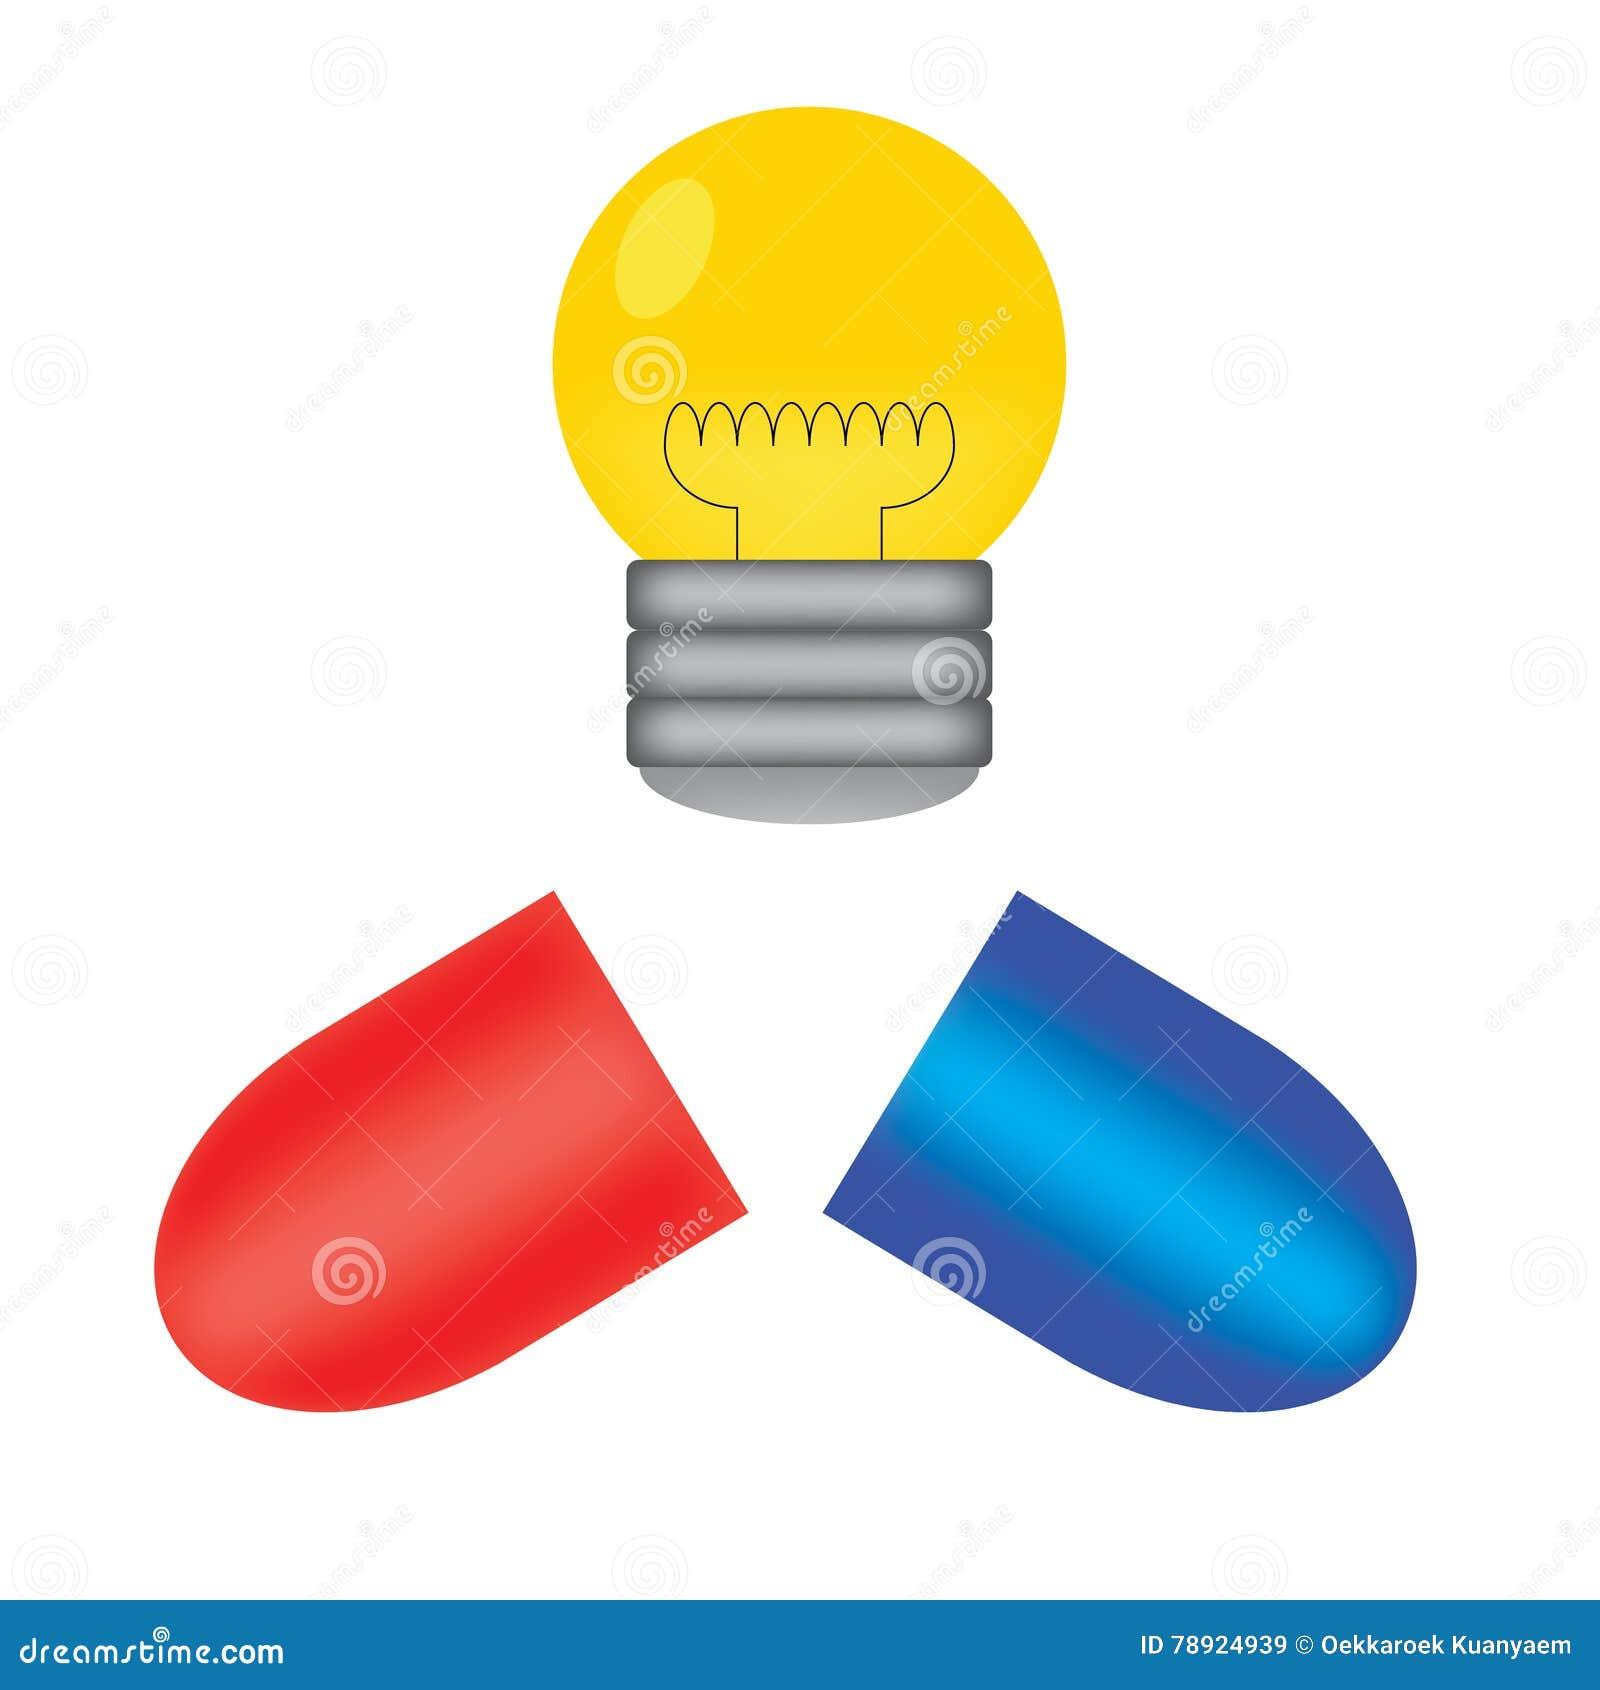 Pille und Glühlampe